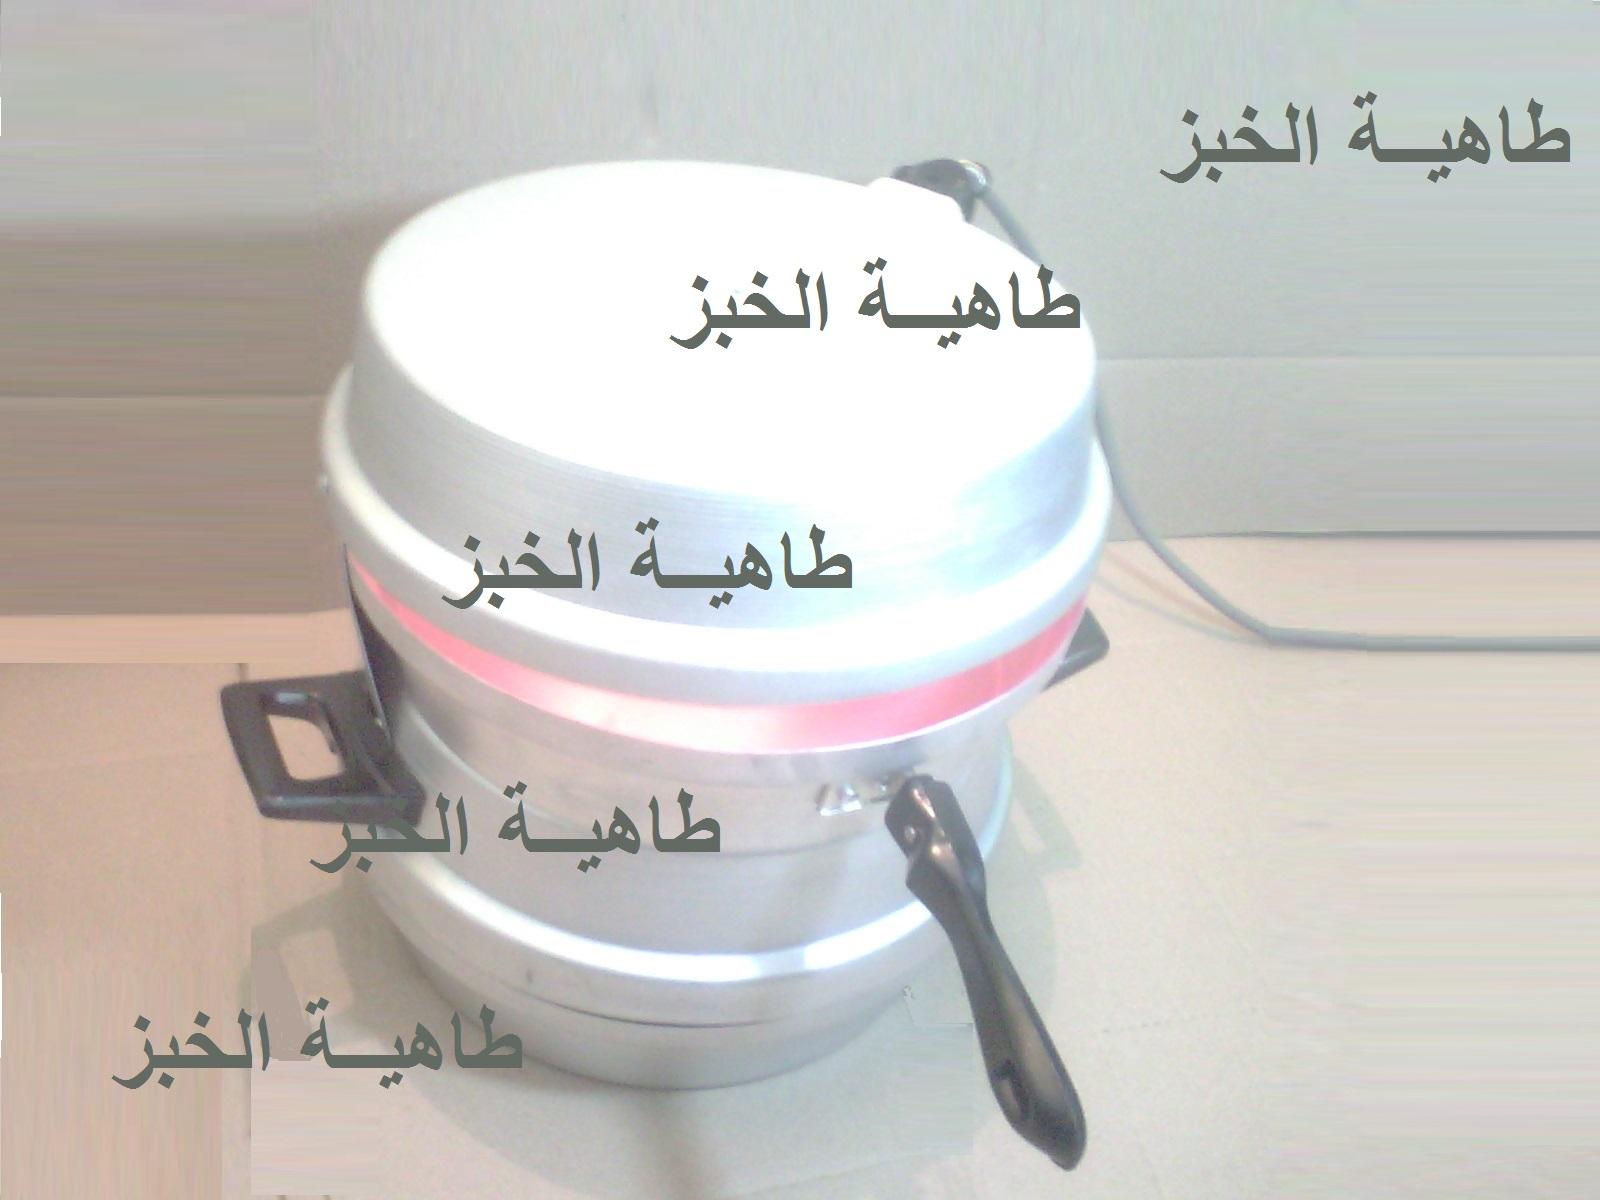 طريقة عمل الخبز المصرى 388499.jpg